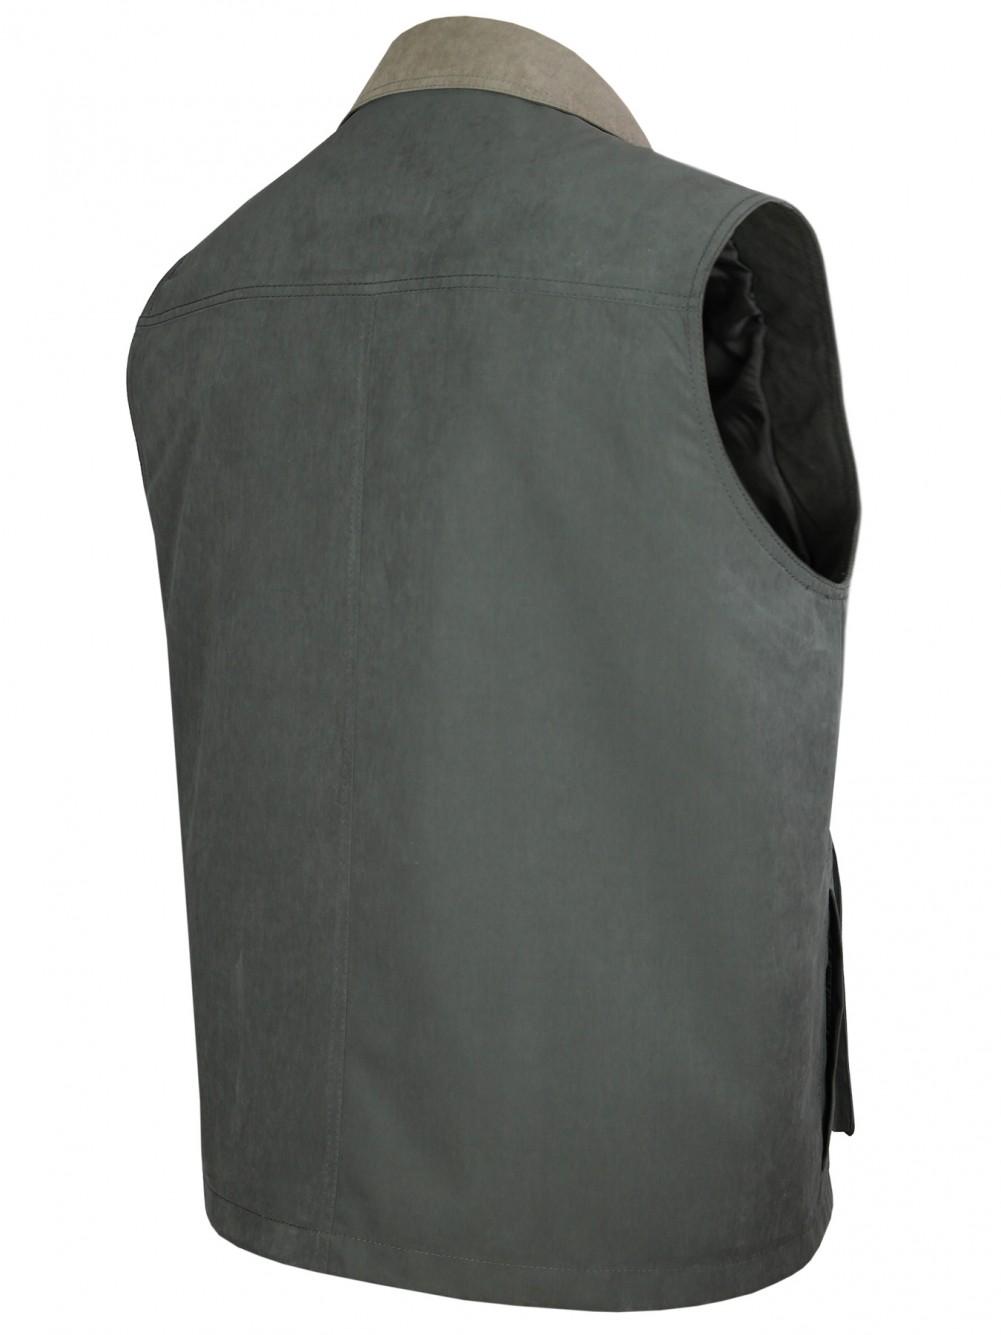 Herren Weste Outdoor Funktions-Weste Multi Taschen Oliv/Hinteransicht